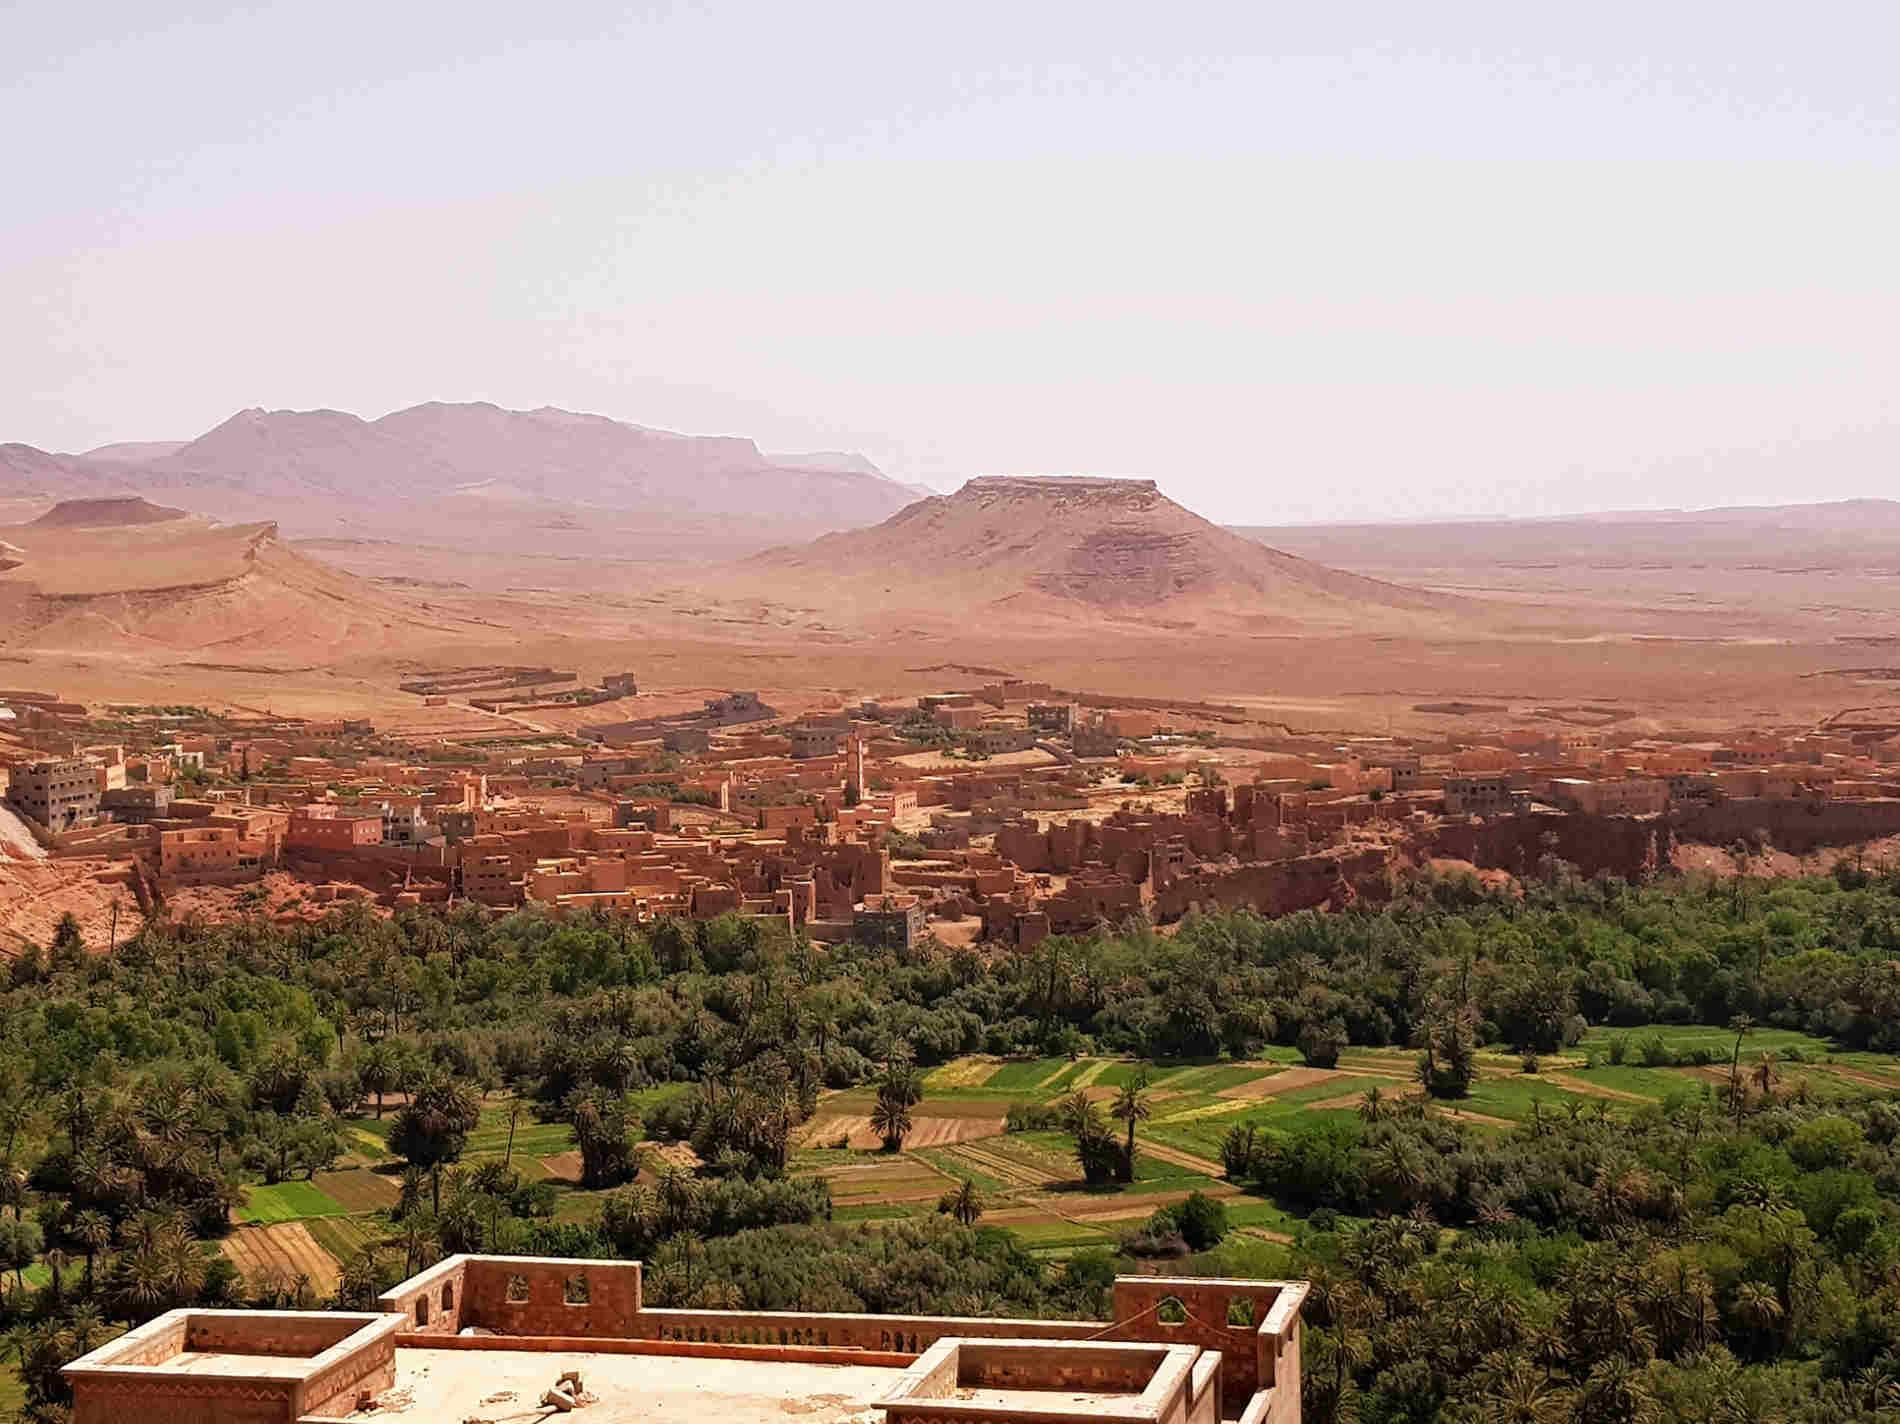 Cosa-vedere-a-Ouarzazate-e-dintorni Kasbah e e Ksar